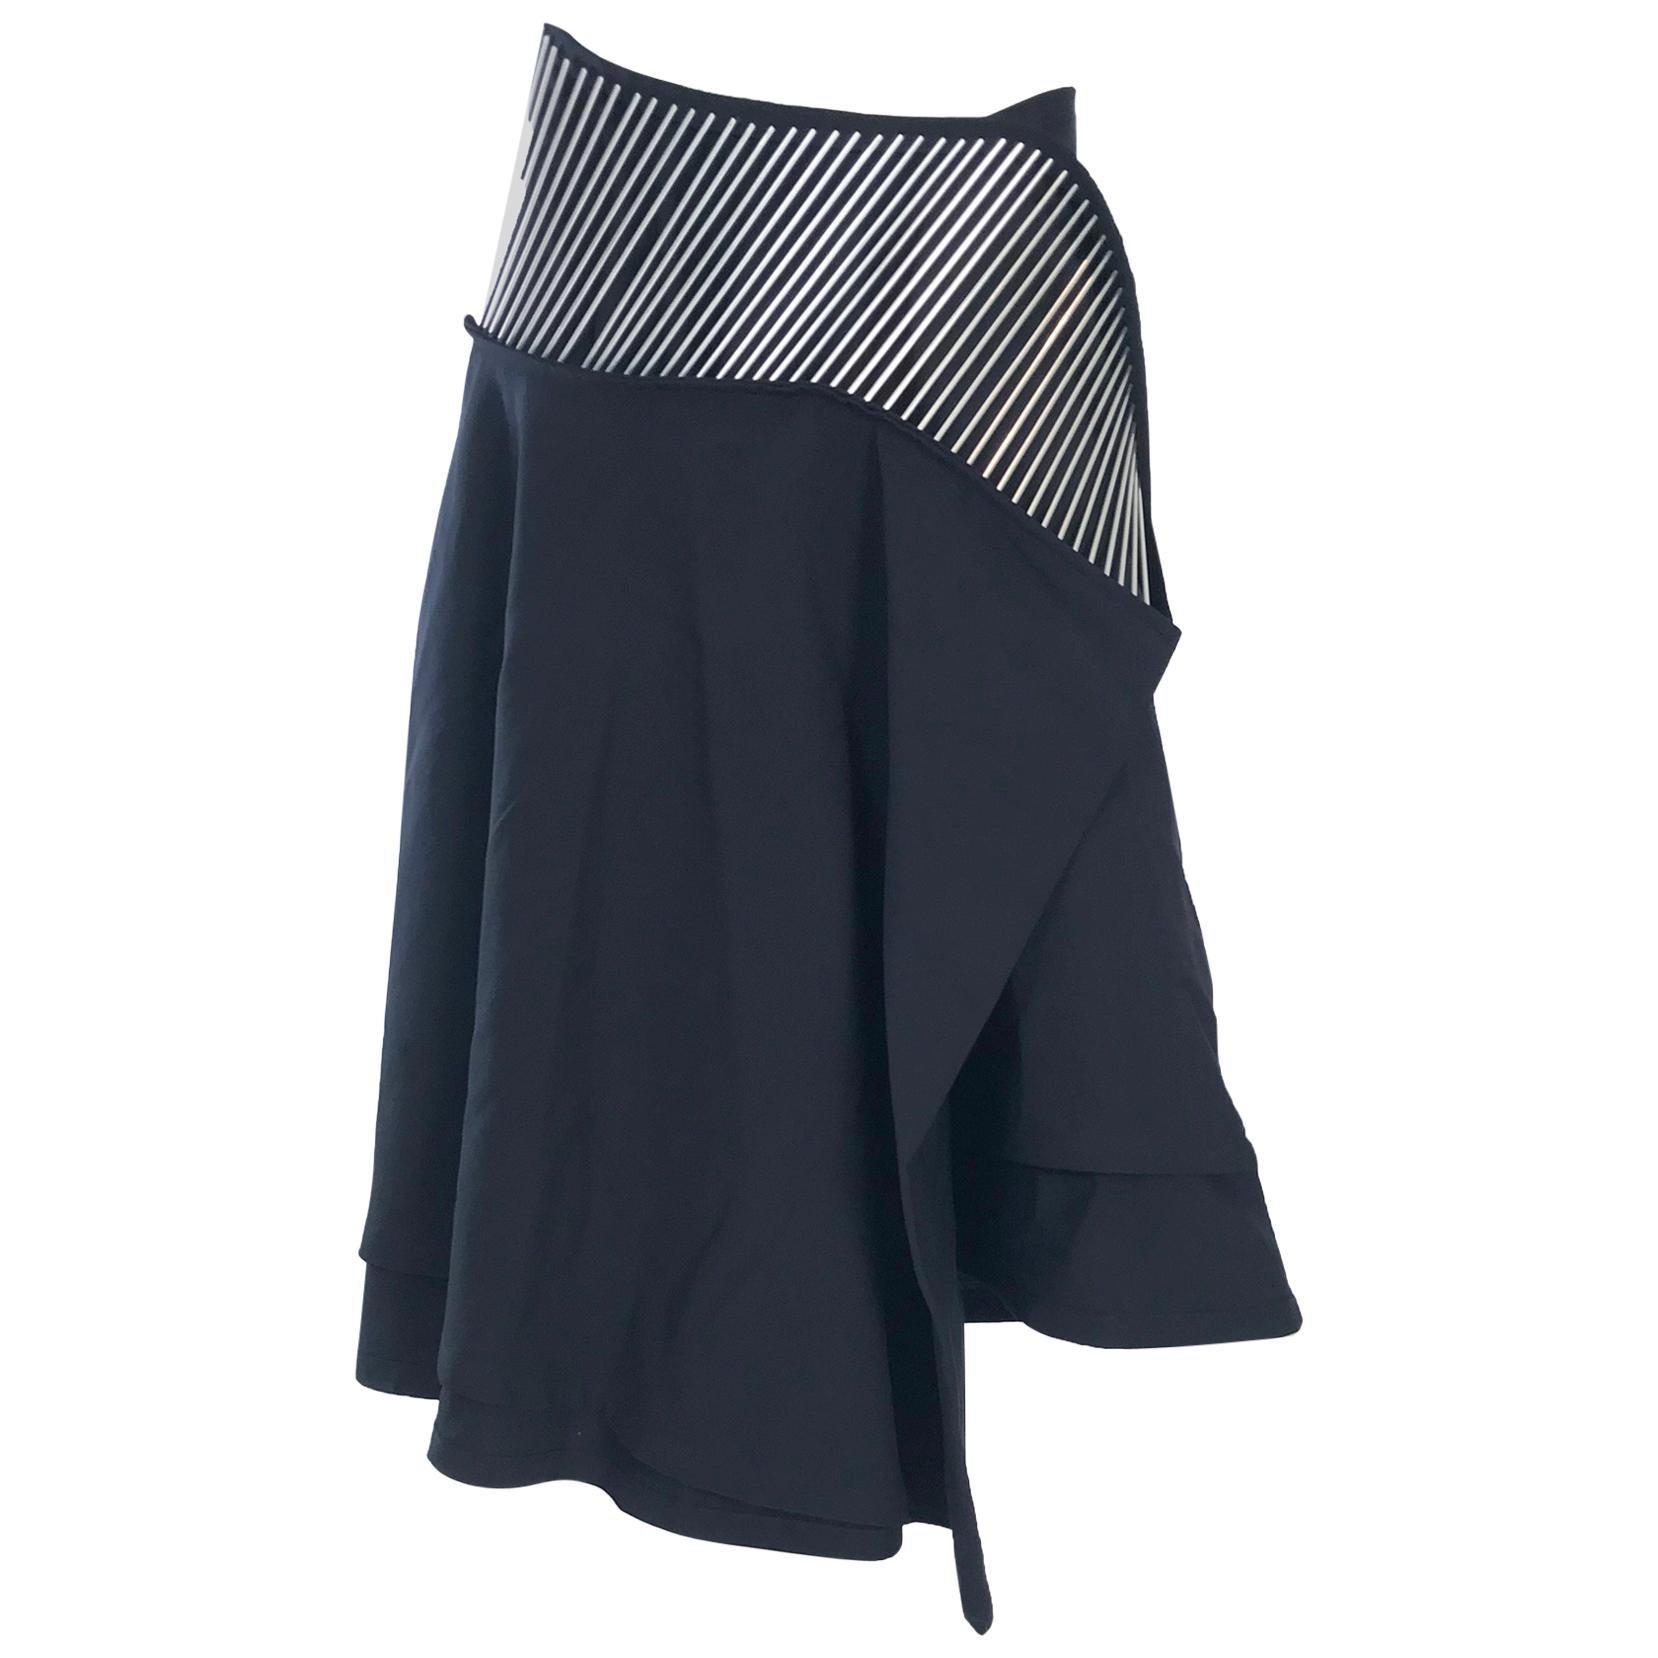 Junya Watanabe Cage Skirt